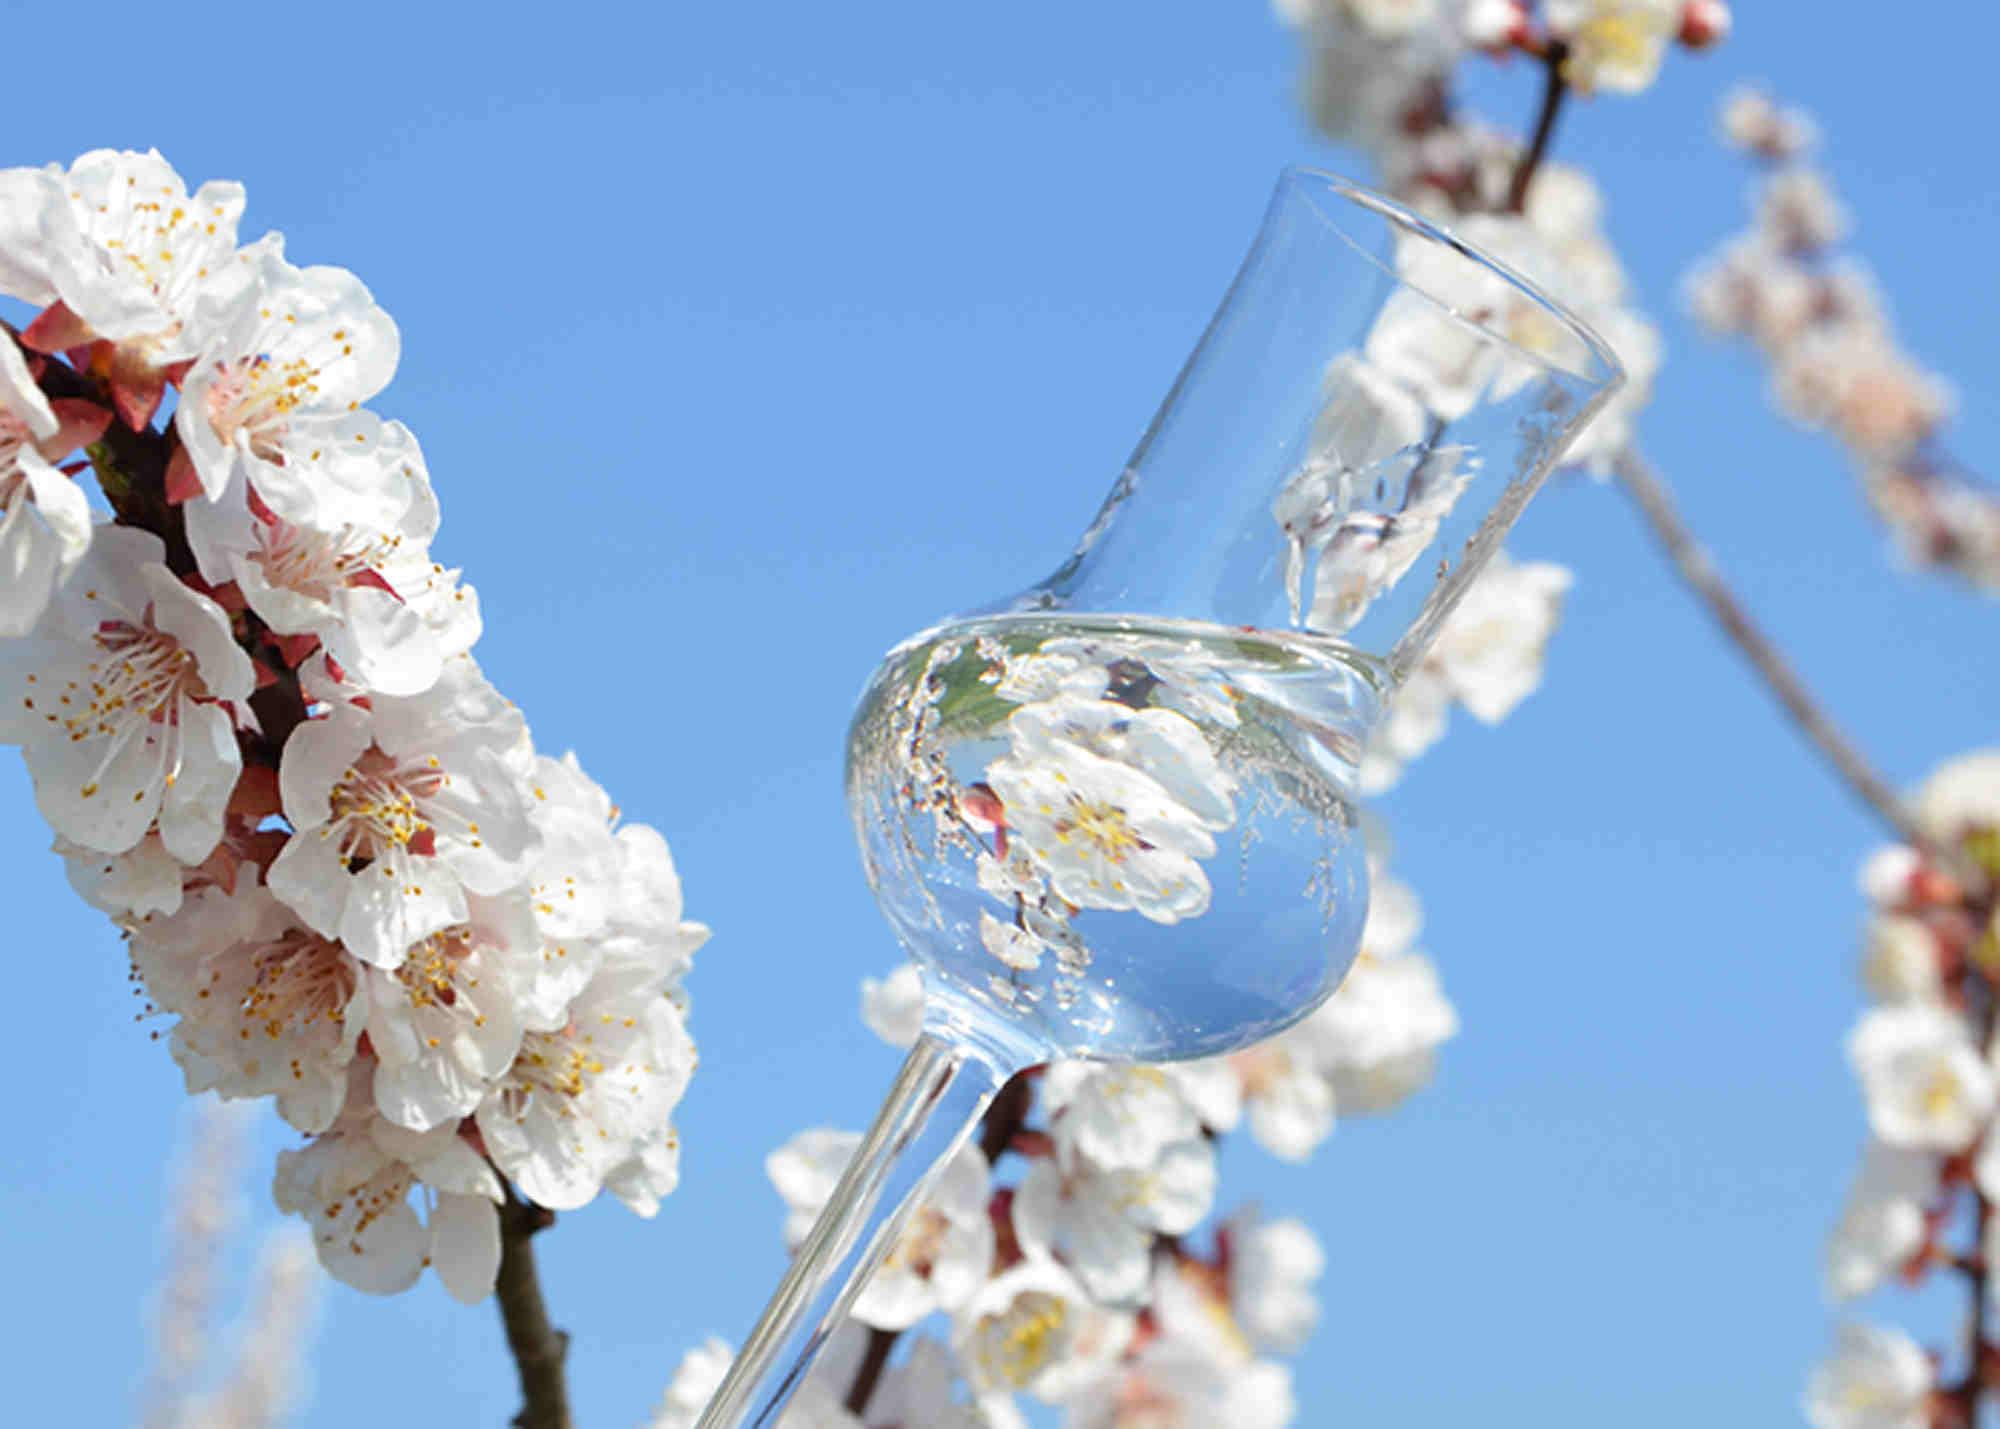 Abb. eines Degustierglases vor einem Zweig mit Marillenblüten